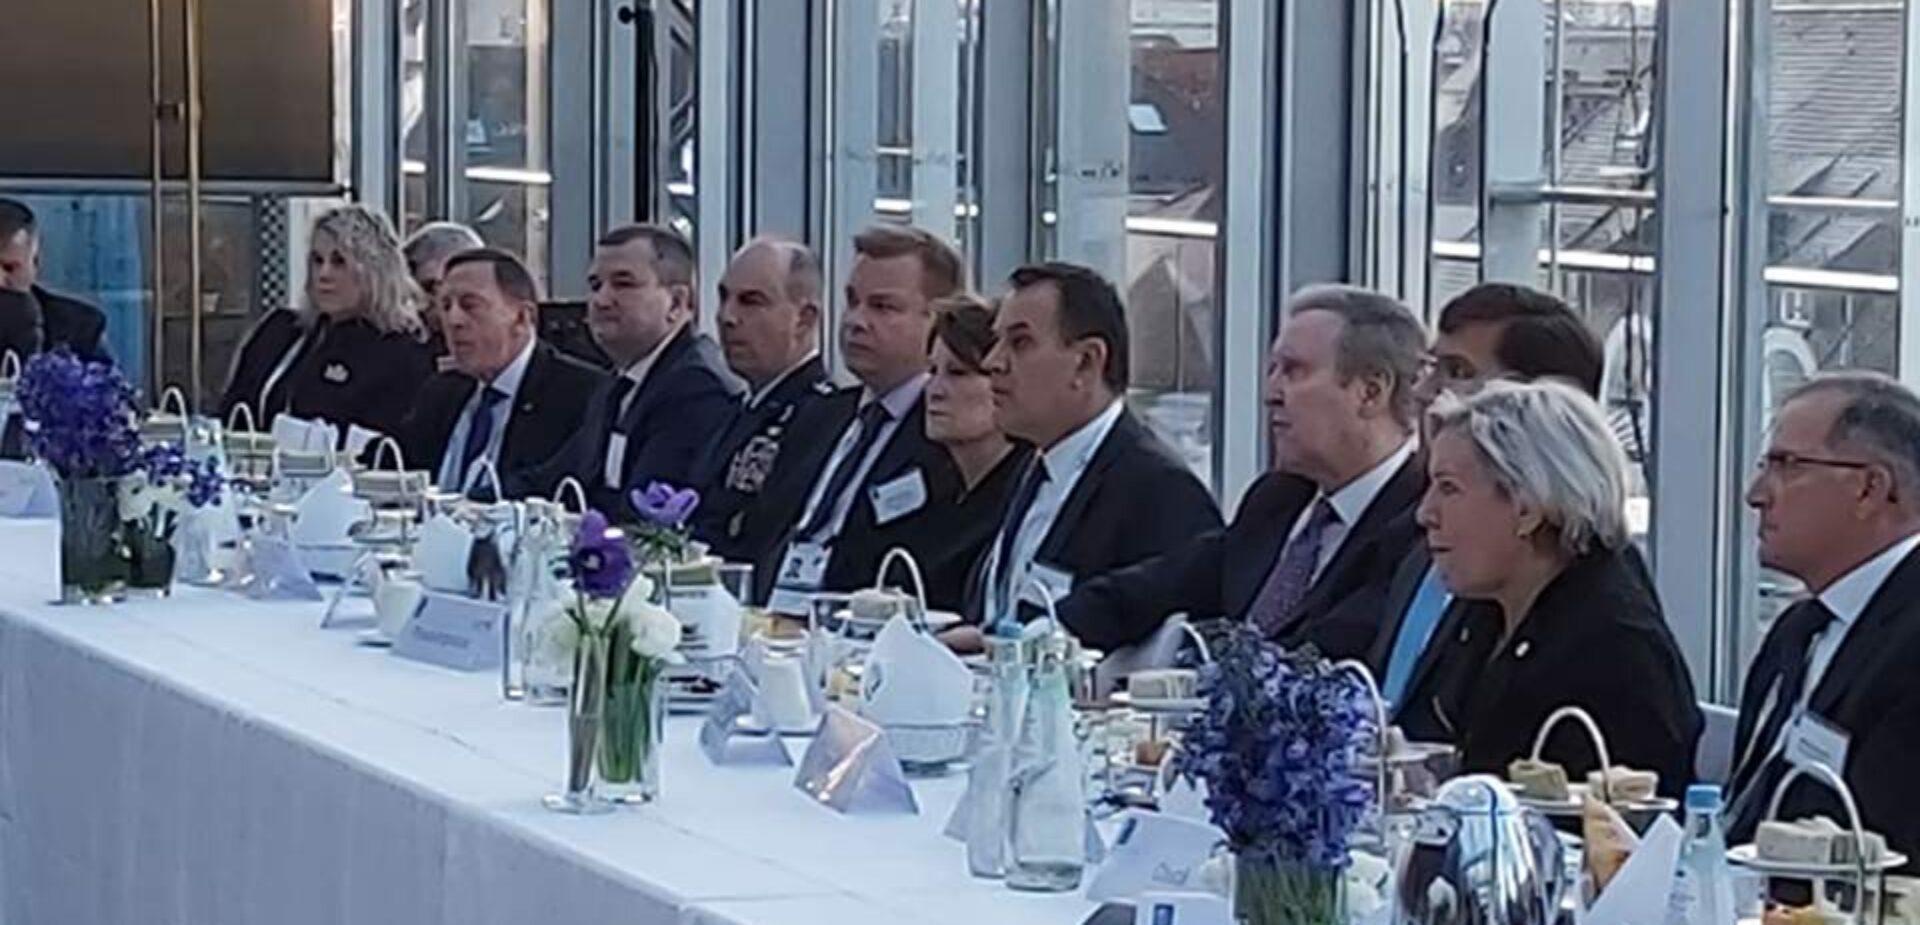 Σειρά συναντήσεων Παναγιωτόπουλου με αξιωματούχους στην 56η Διάσκεψη Ασφαλείας του Μονάχου